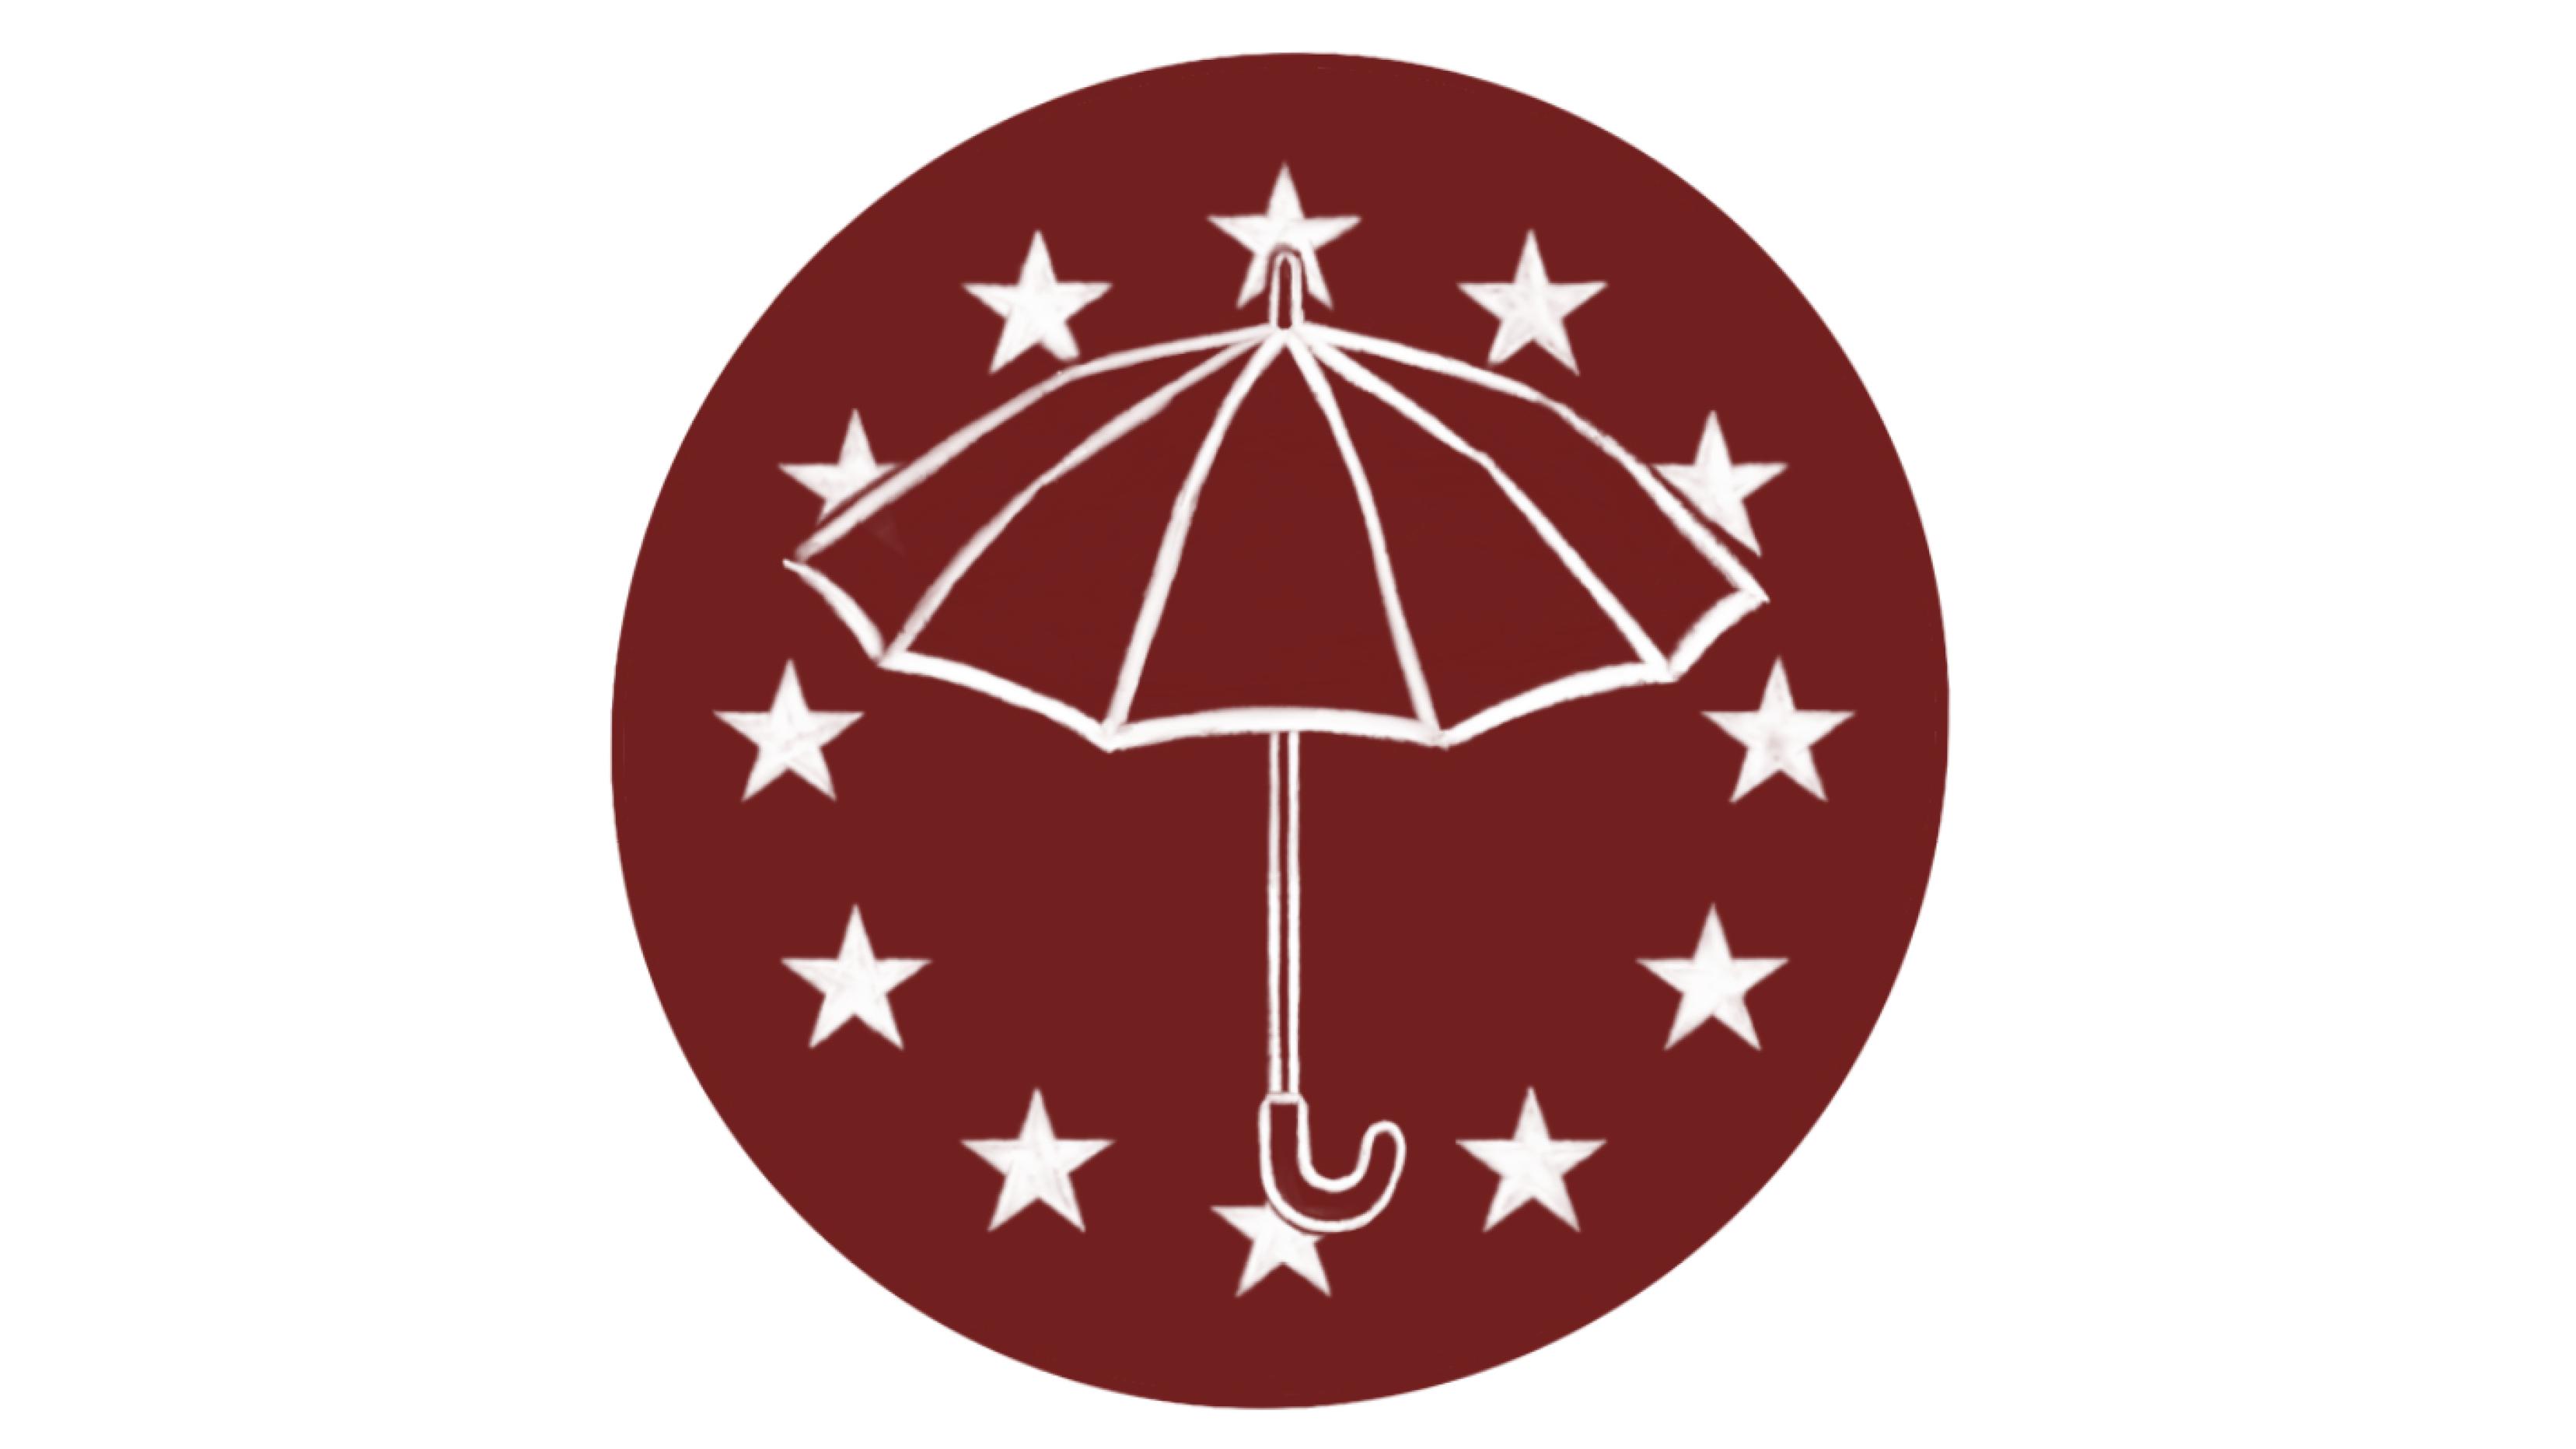 Europäische Wirtschafts- und Währungsunion II: Euro-Rettungsschirm